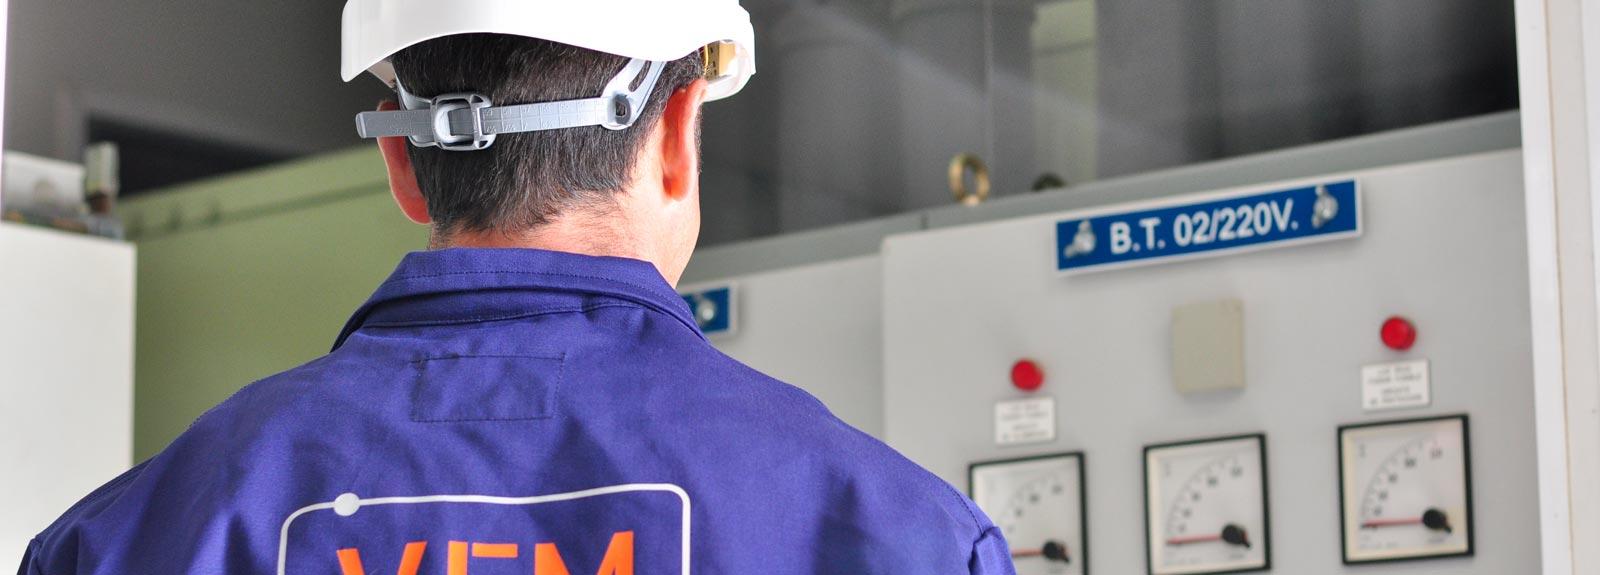 Mantenimiento de instalaciones eléctricas - Villa Flores Martín